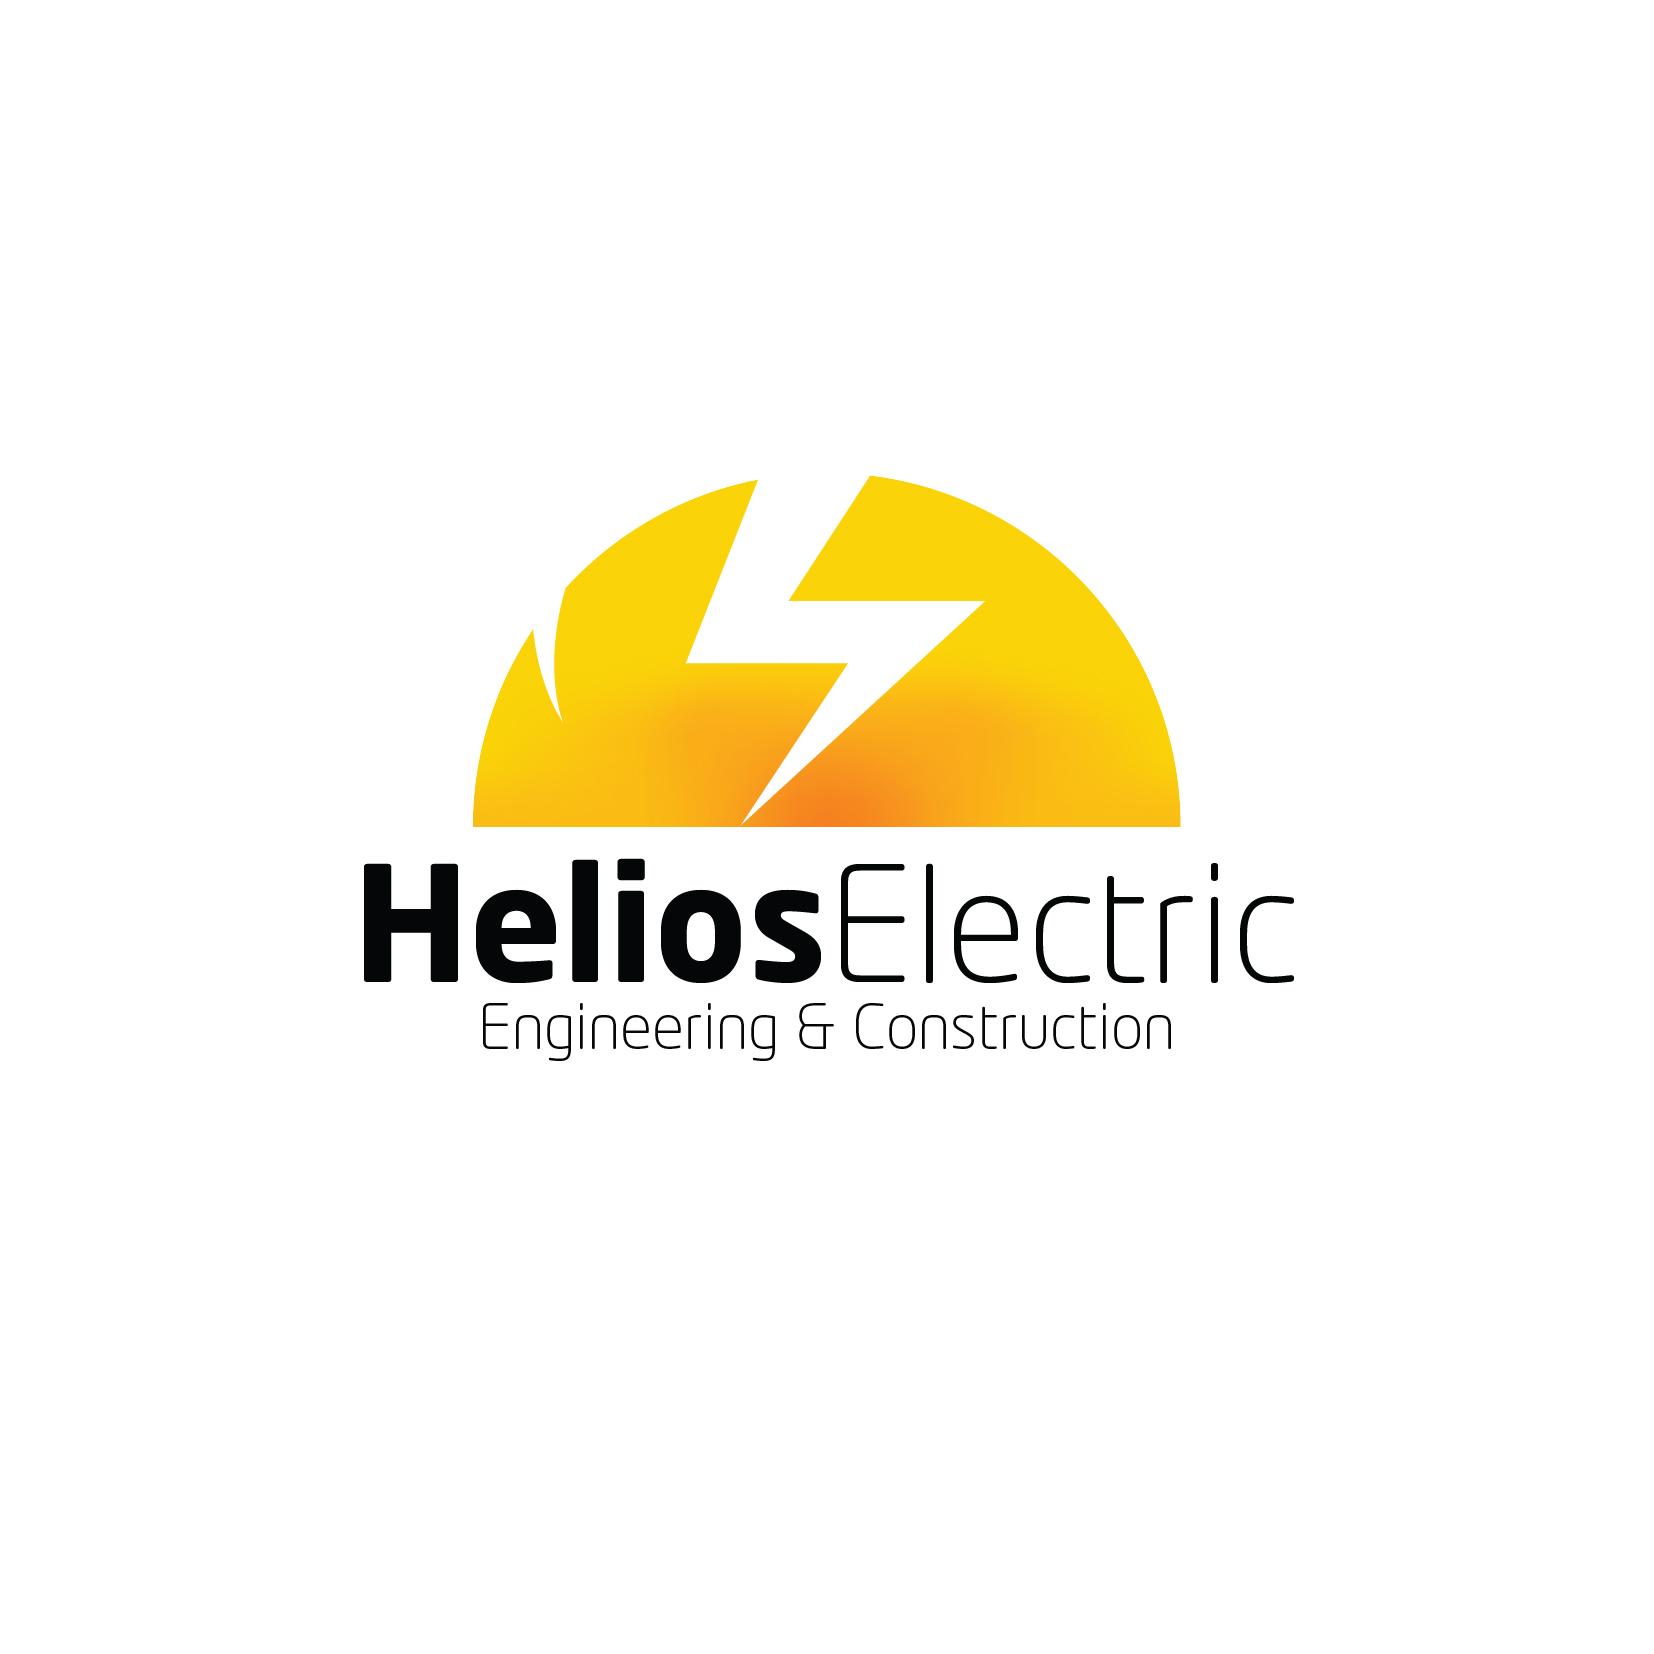 logotype full_color.jpg